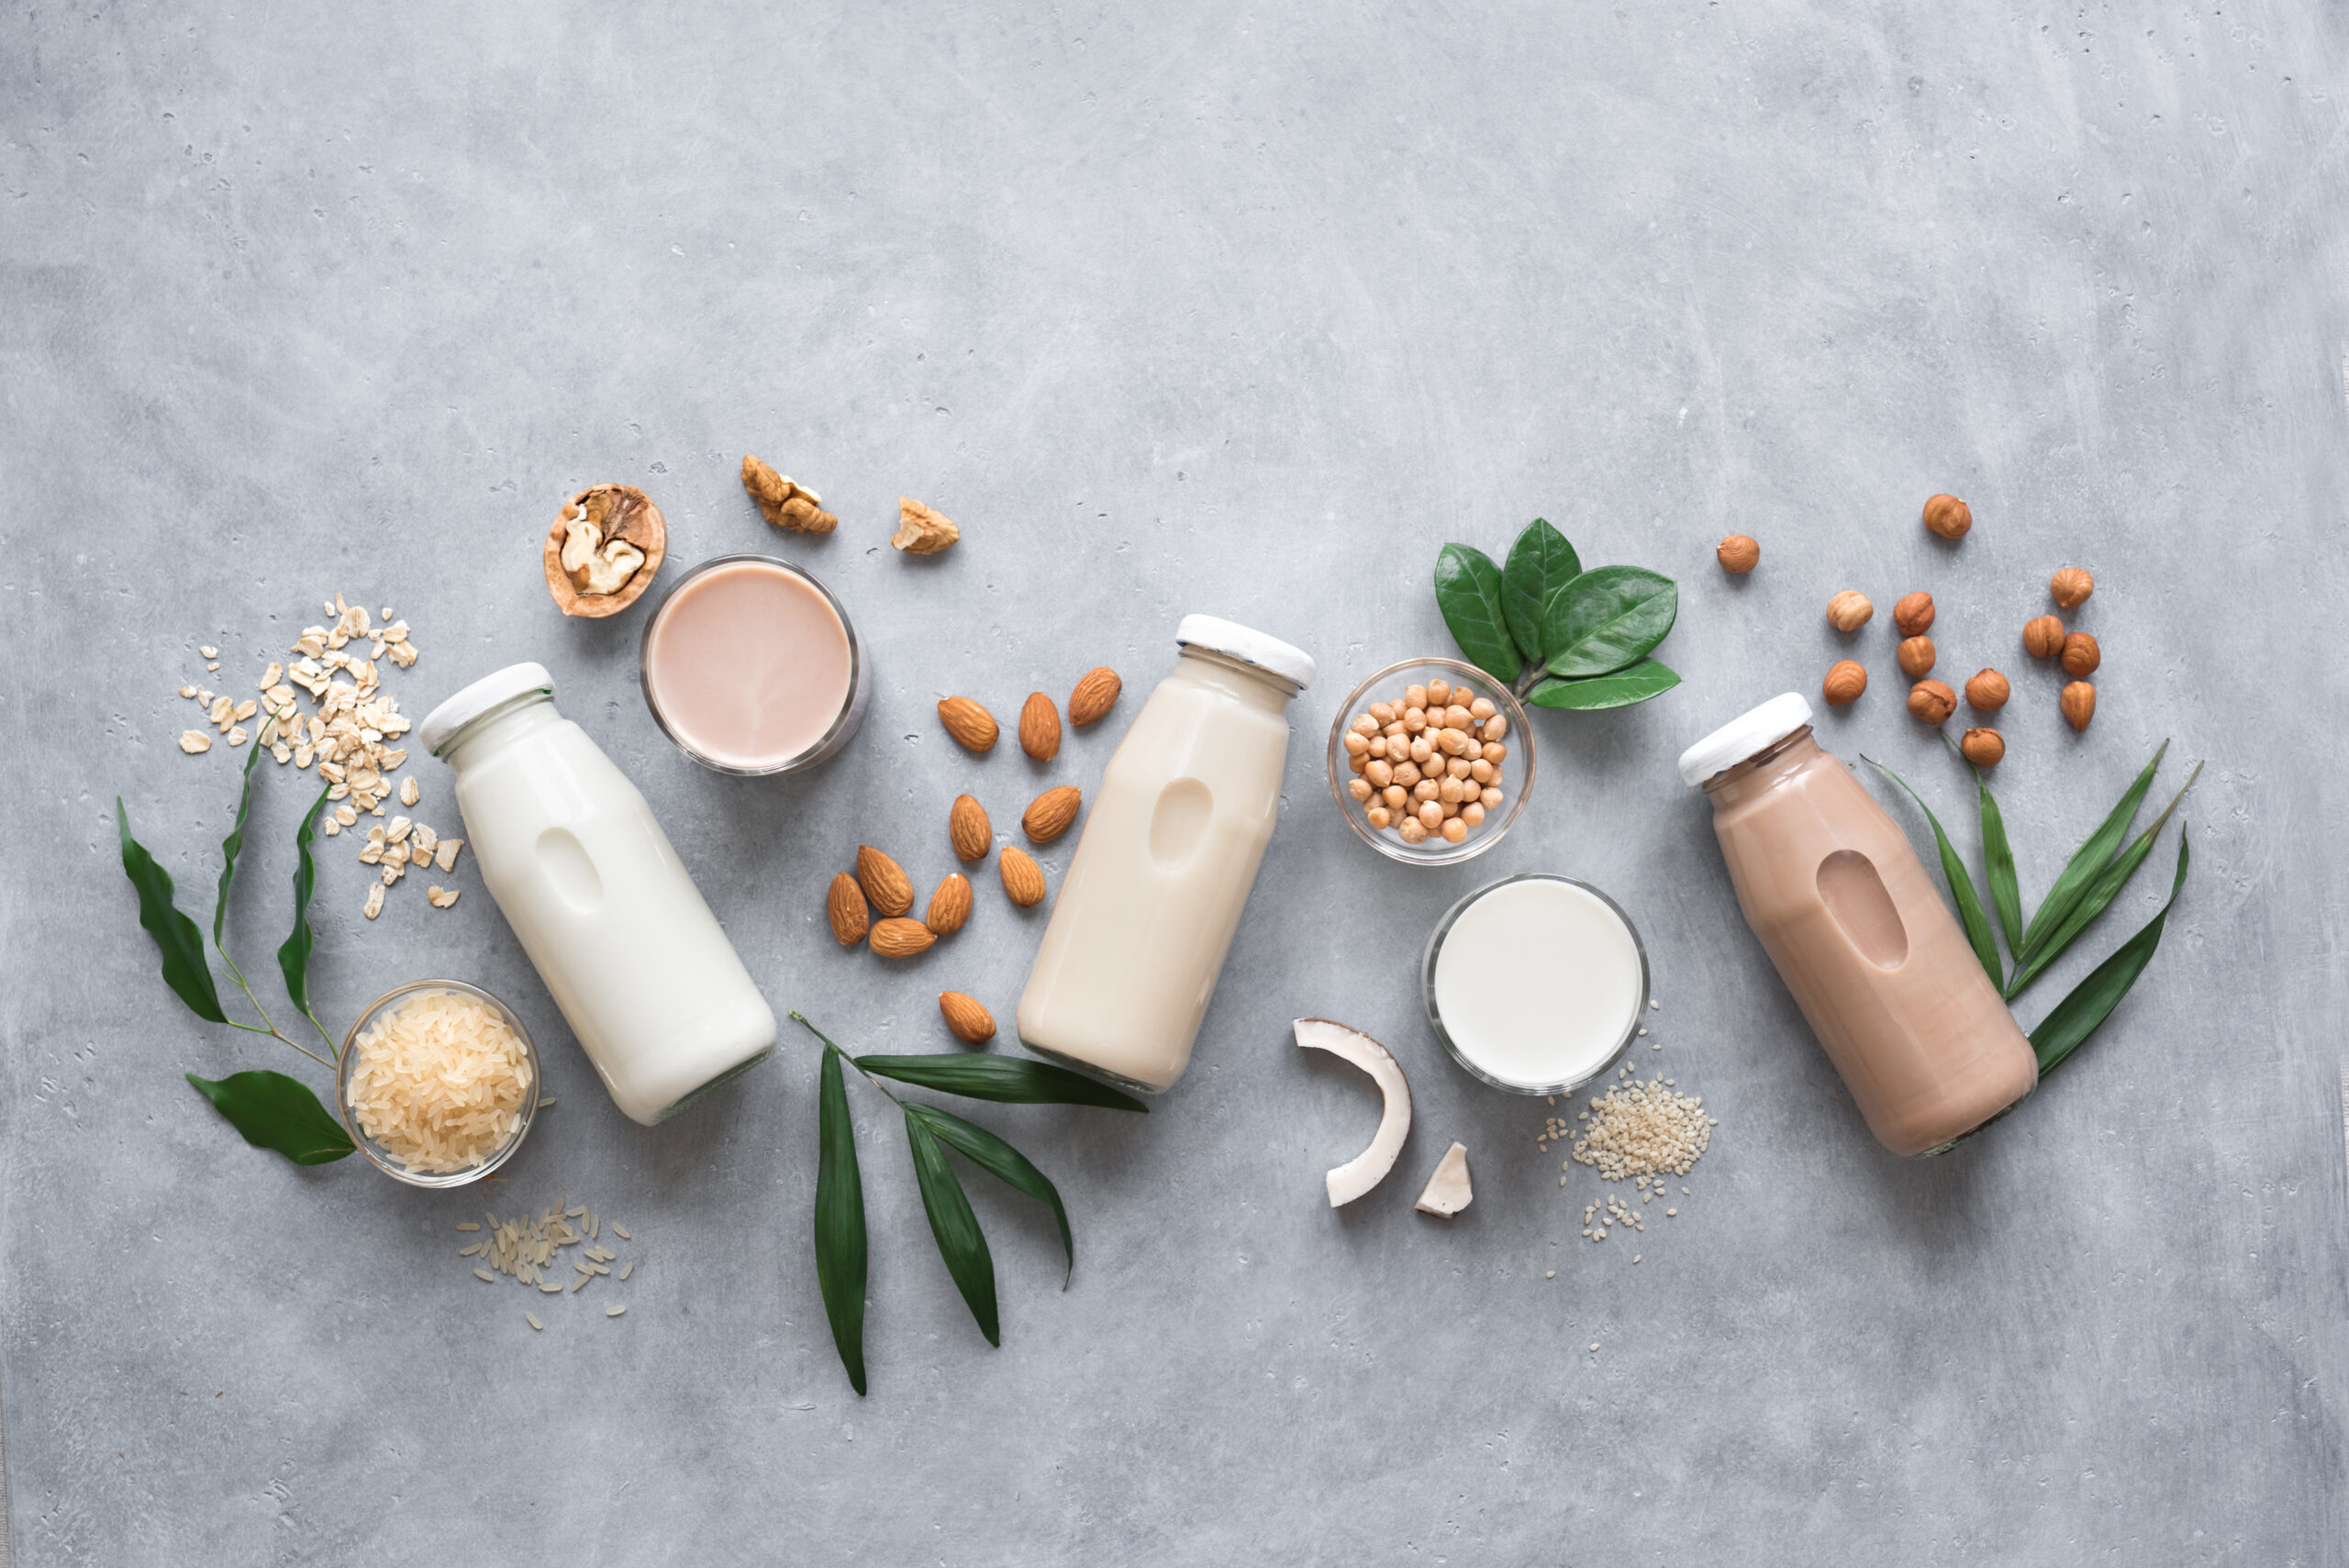 ミルクの種類が増えている?